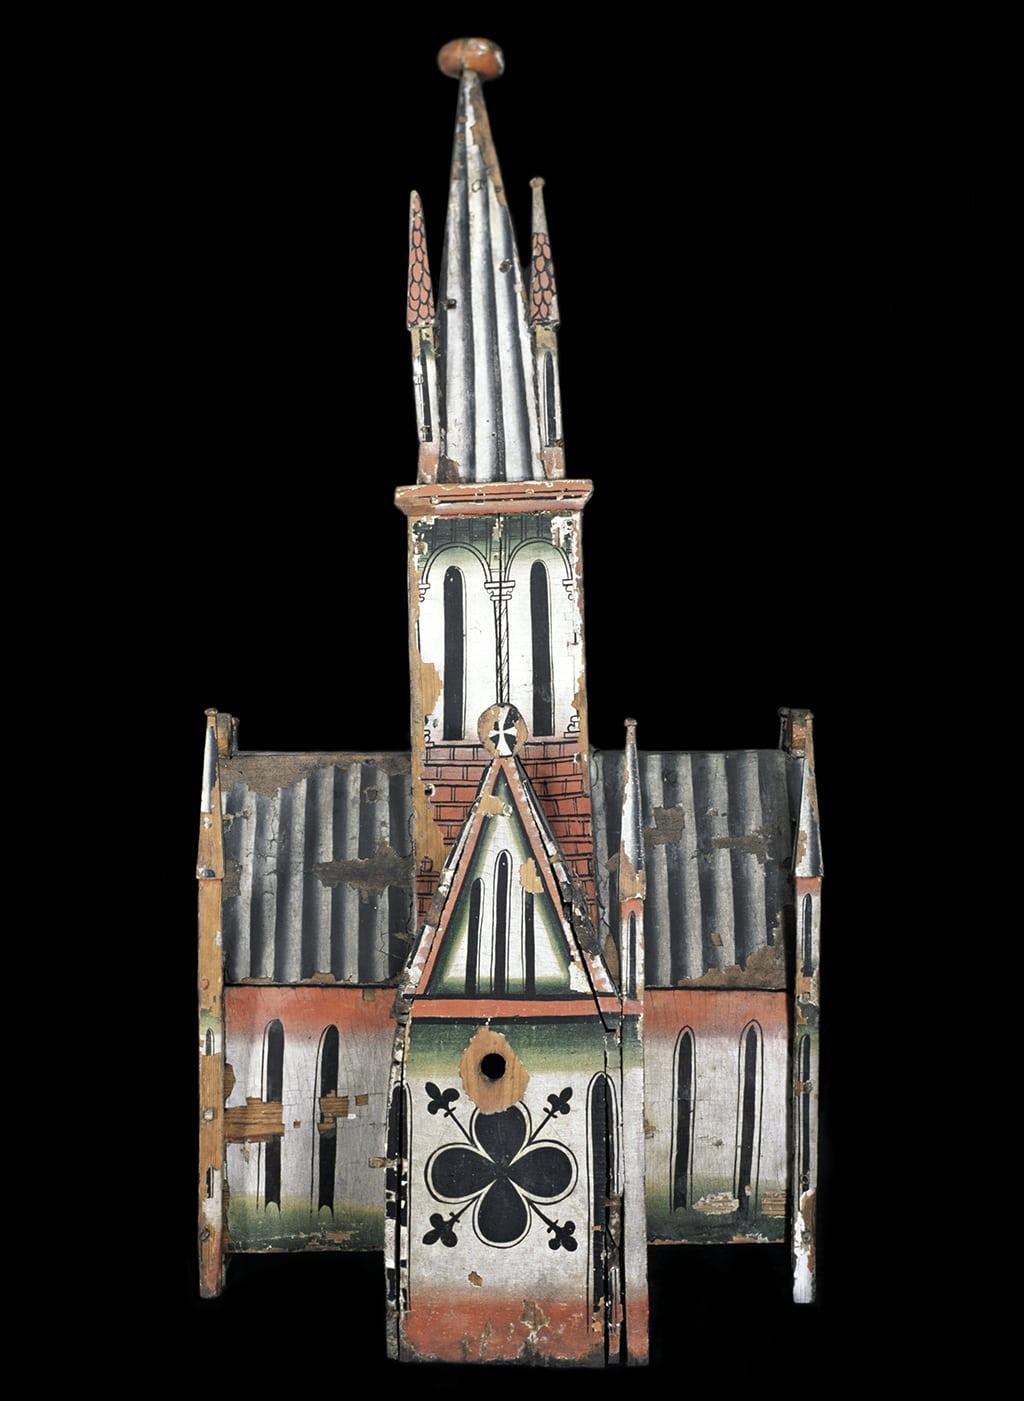 Coronament d'un retaule-tabernacle en forma de maqueta d'una església, procedent de Reinli (Oppland, Noruega). Museu de la Universitat d'Oslo.